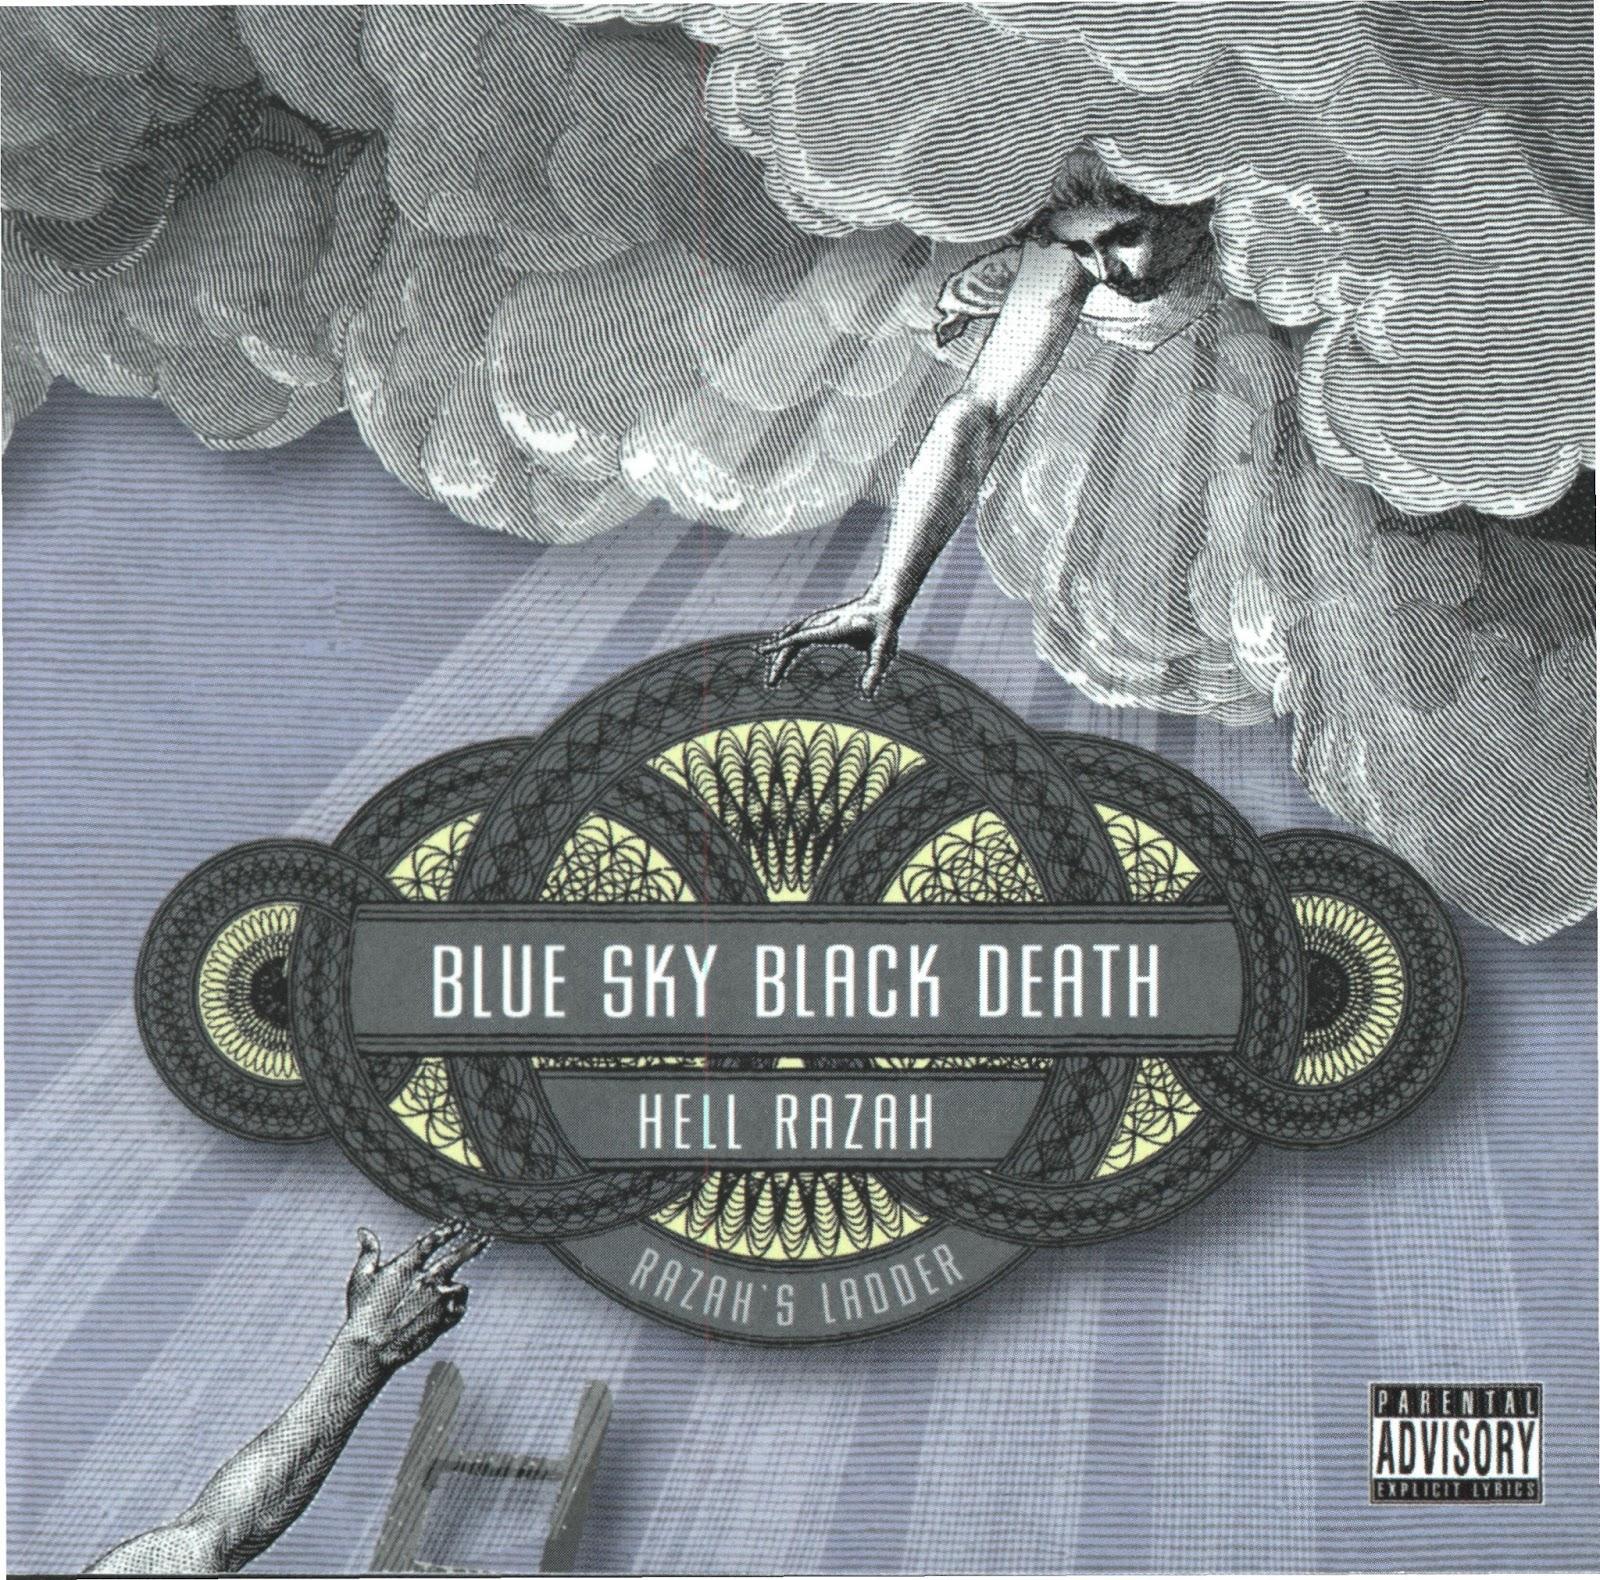 http://4.bp.blogspot.com/-L-0l7KTOdFI/UaEhBMjKFvI/AAAAAAAAUr8/RwiFdtr1Sl4/s1600/Blue+Sky+Black+Death+&+Hell+Razah+-+Razah%27s+Ladder+%282007%29.jpg